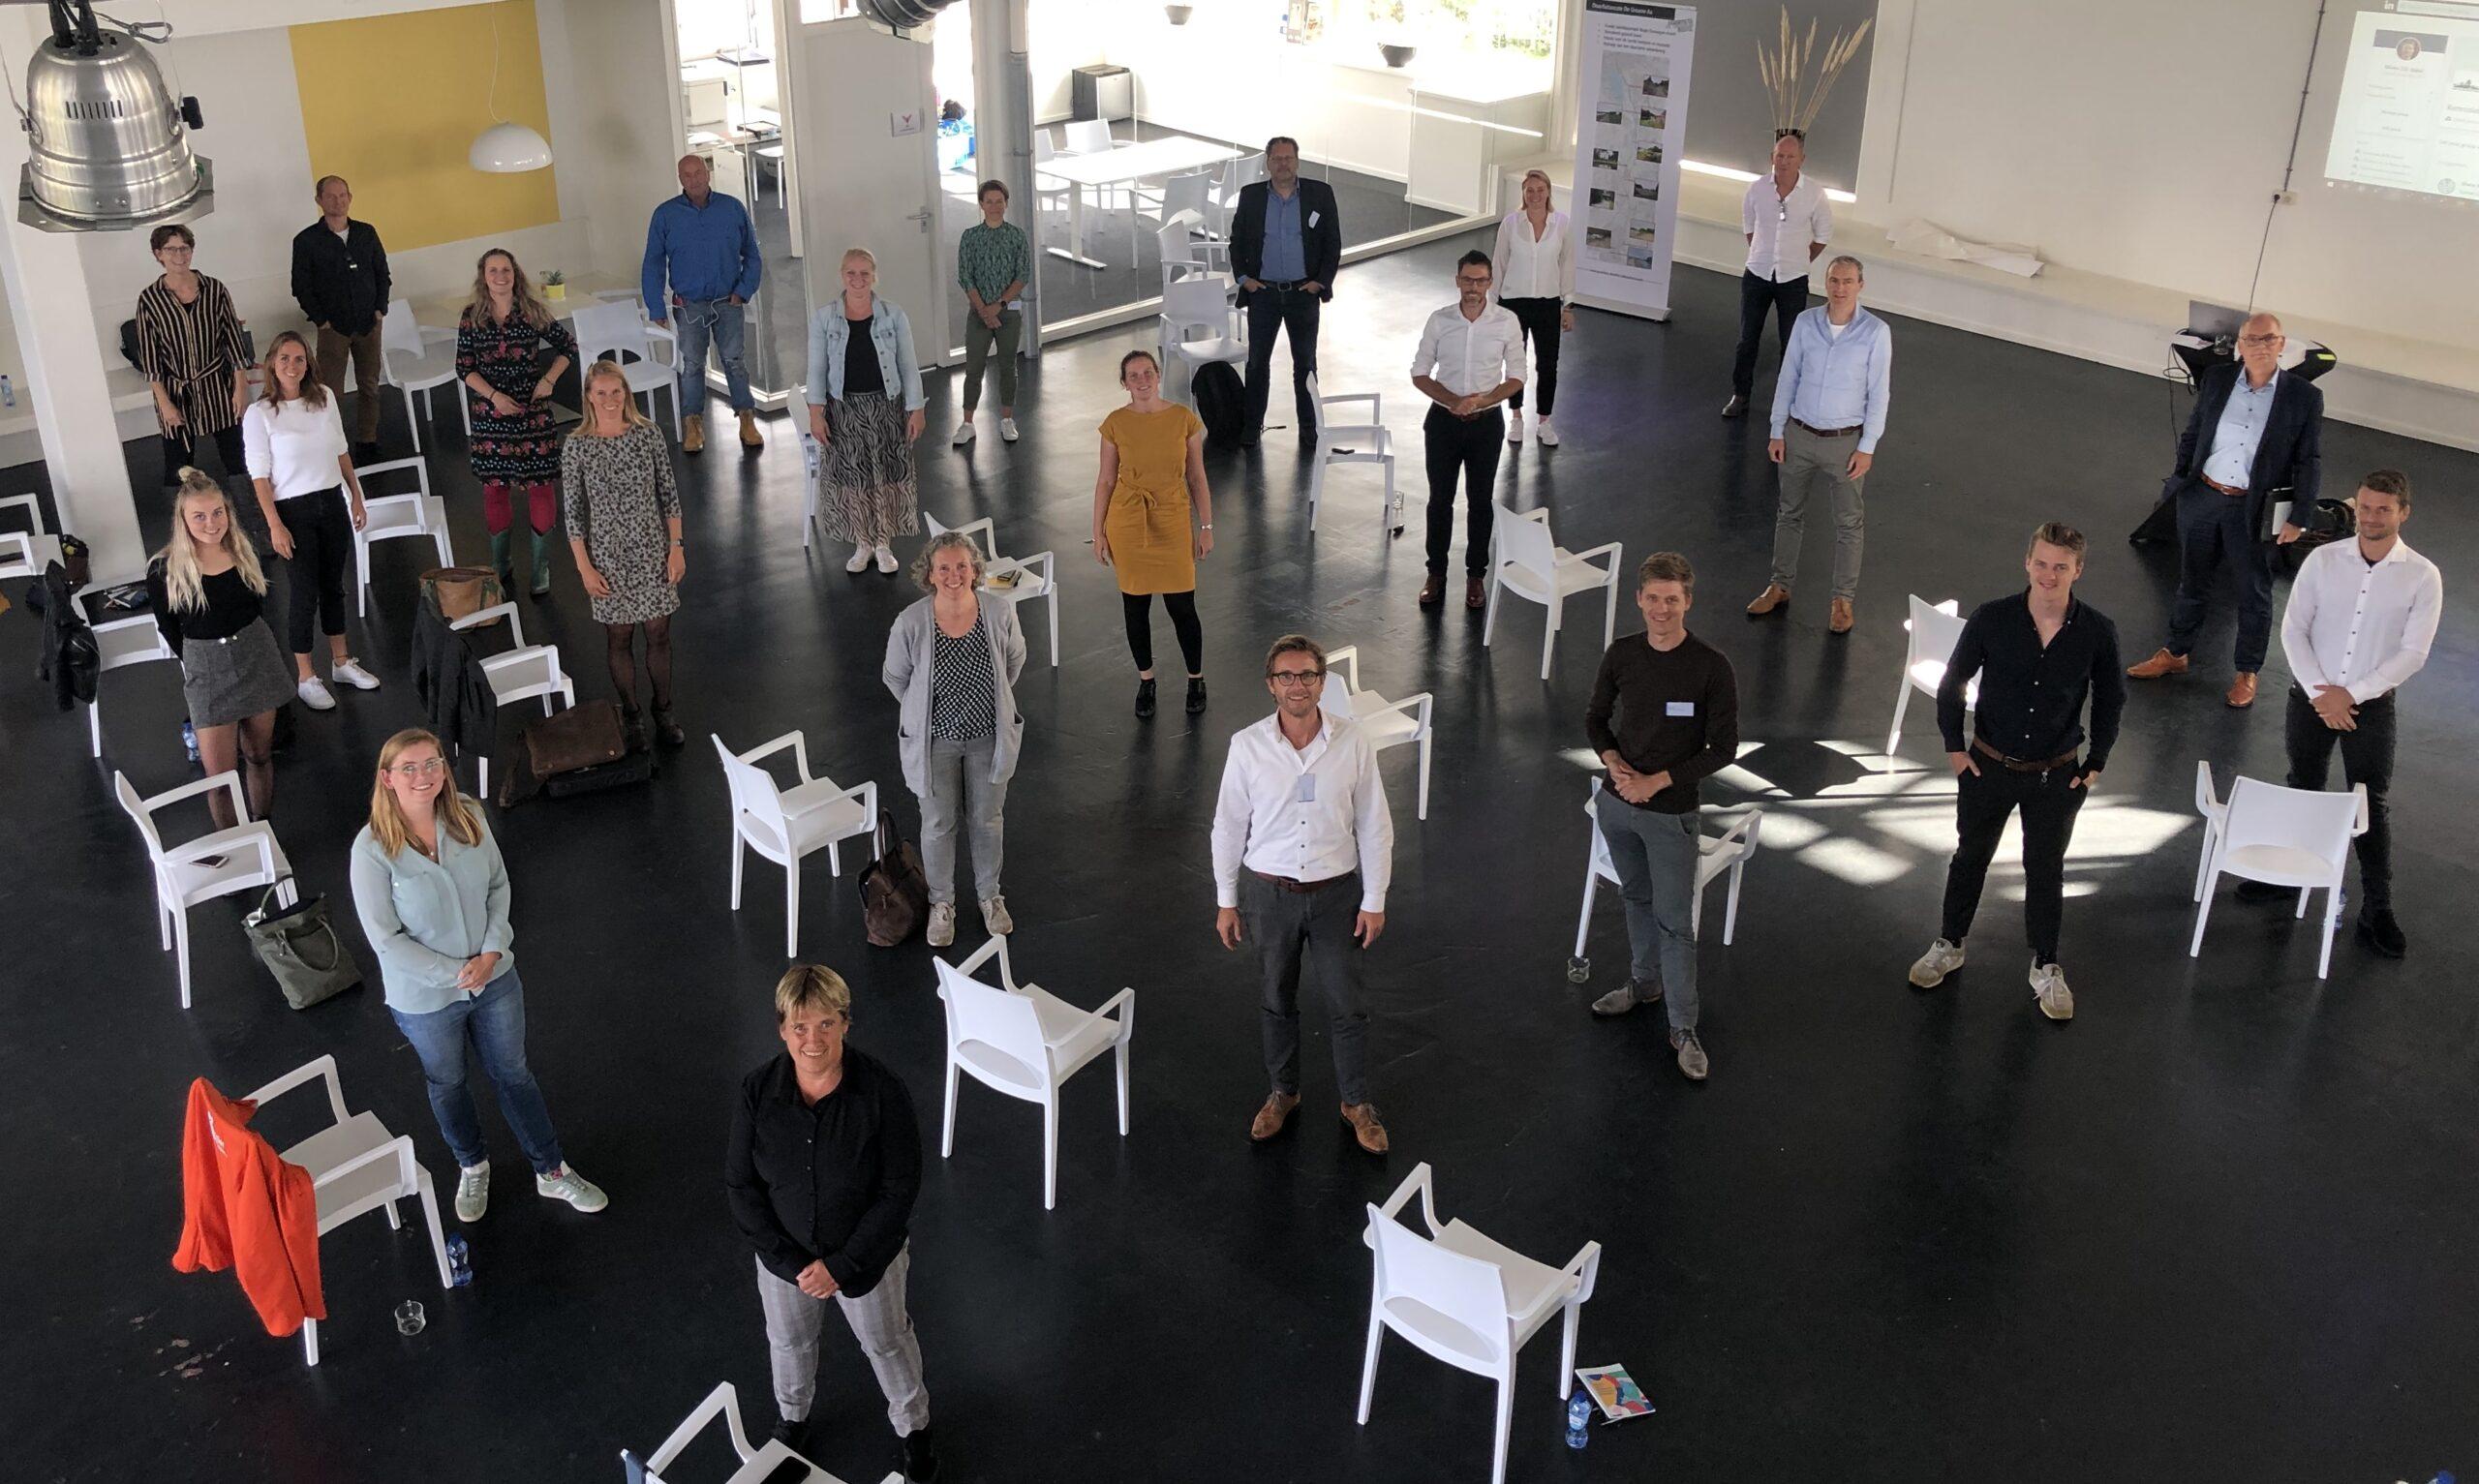 Twaalf Nieuwe Partners Bij Netwerkbijeenkomst KennisLab BIOR Noord